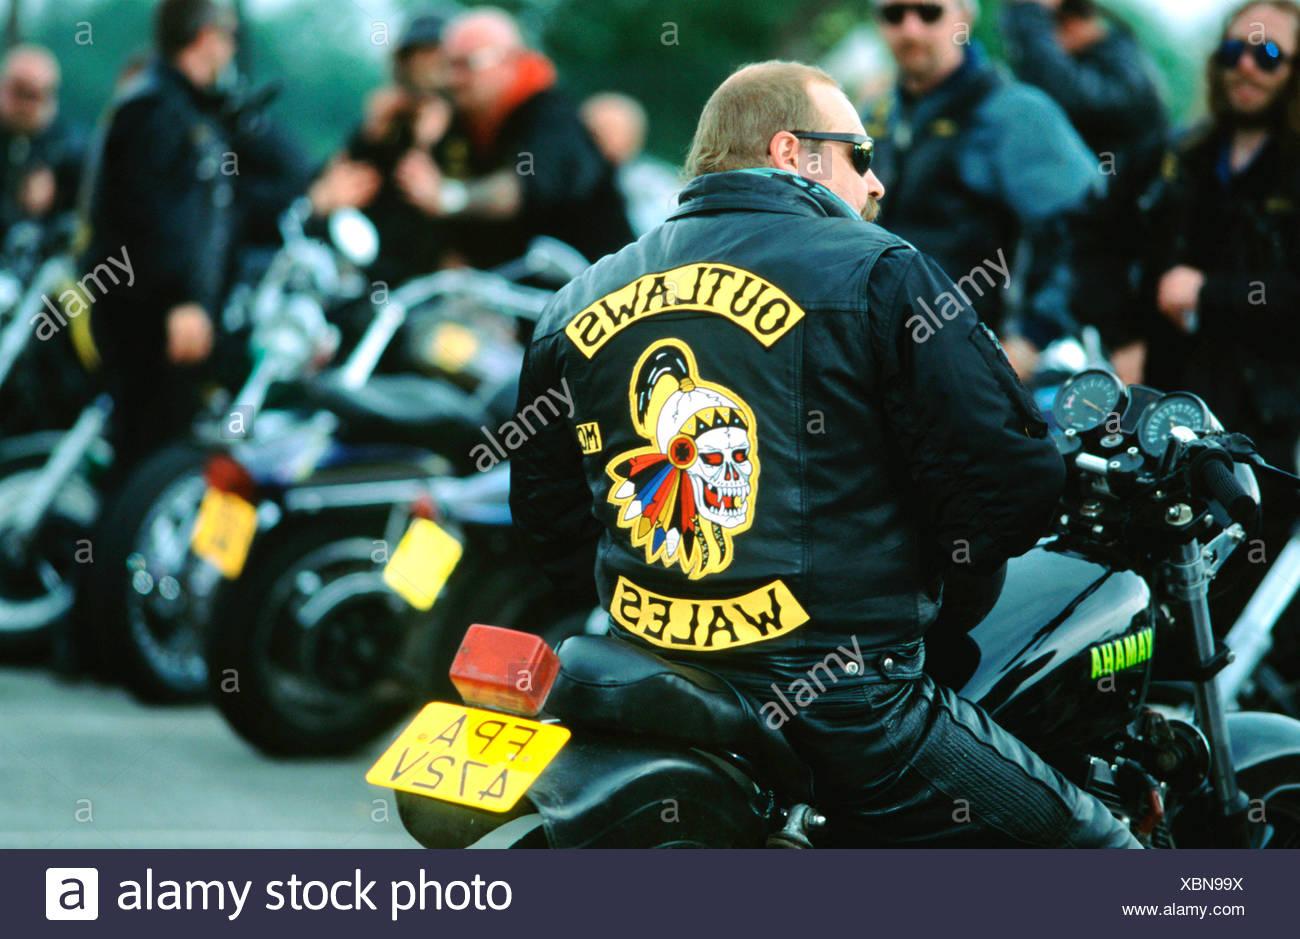 Motorrad datiert uk Perland-Hookup